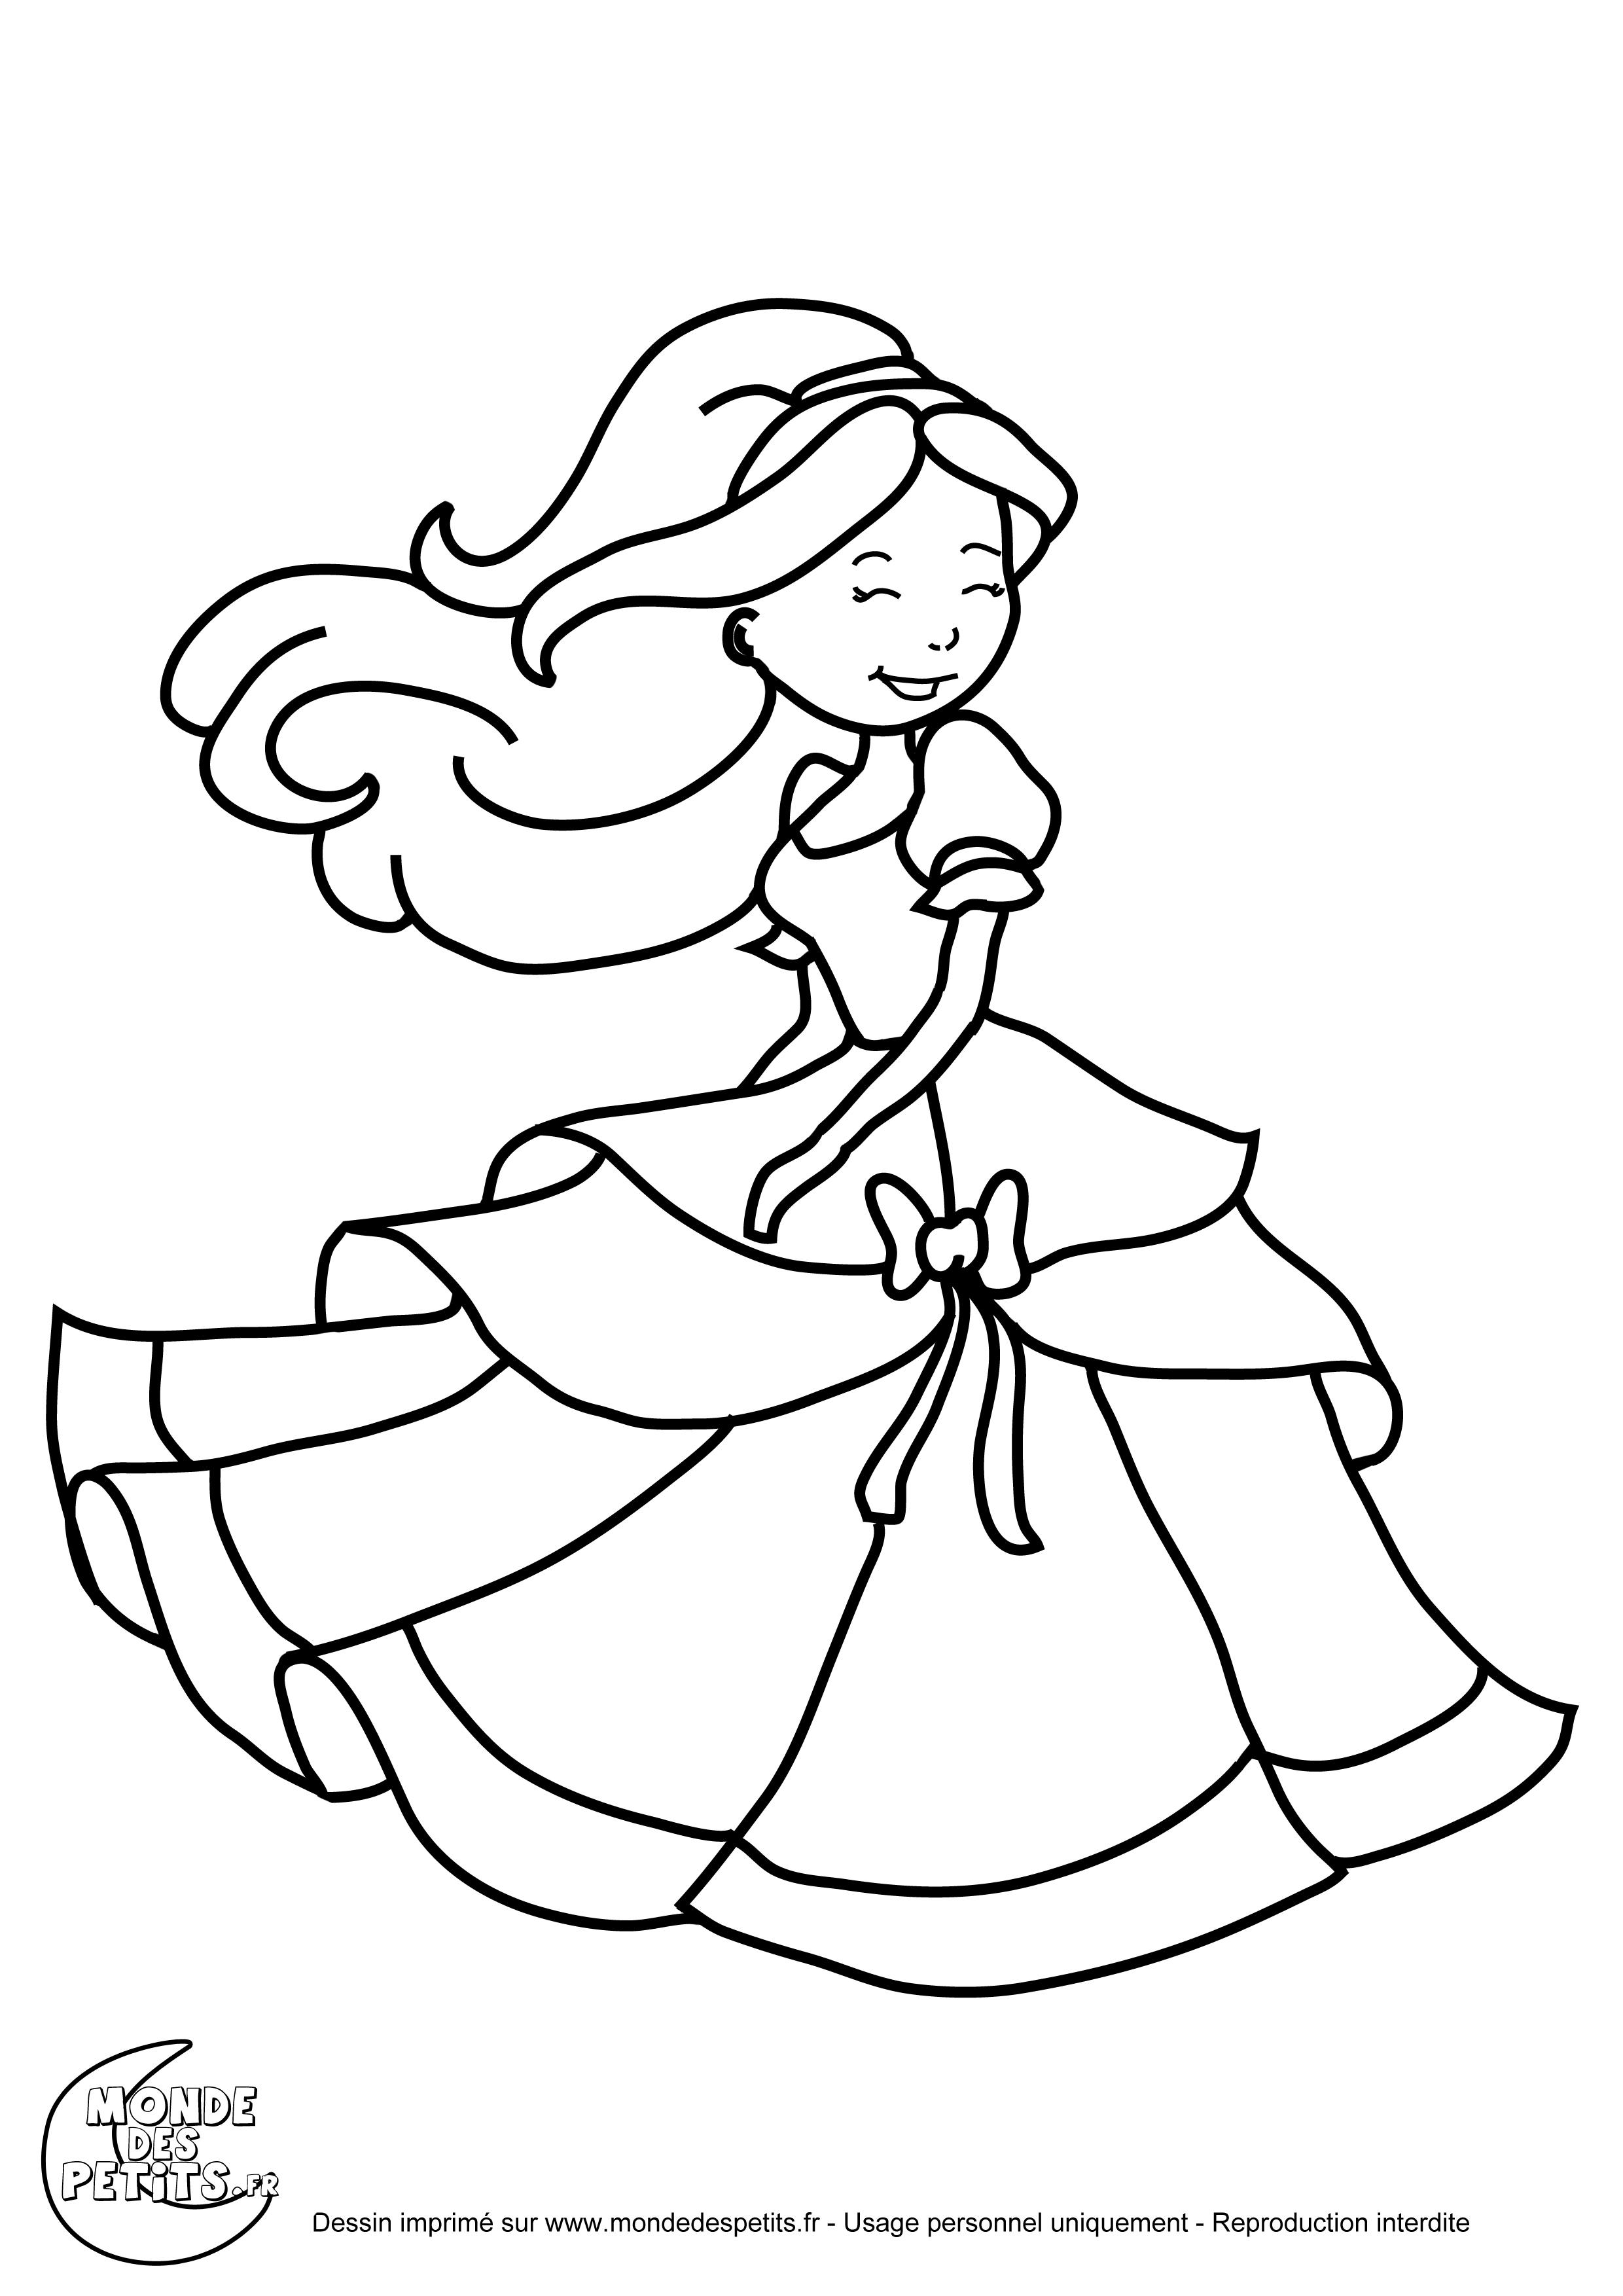 Monde des petits coloriages imprimer - Image de princesse ...